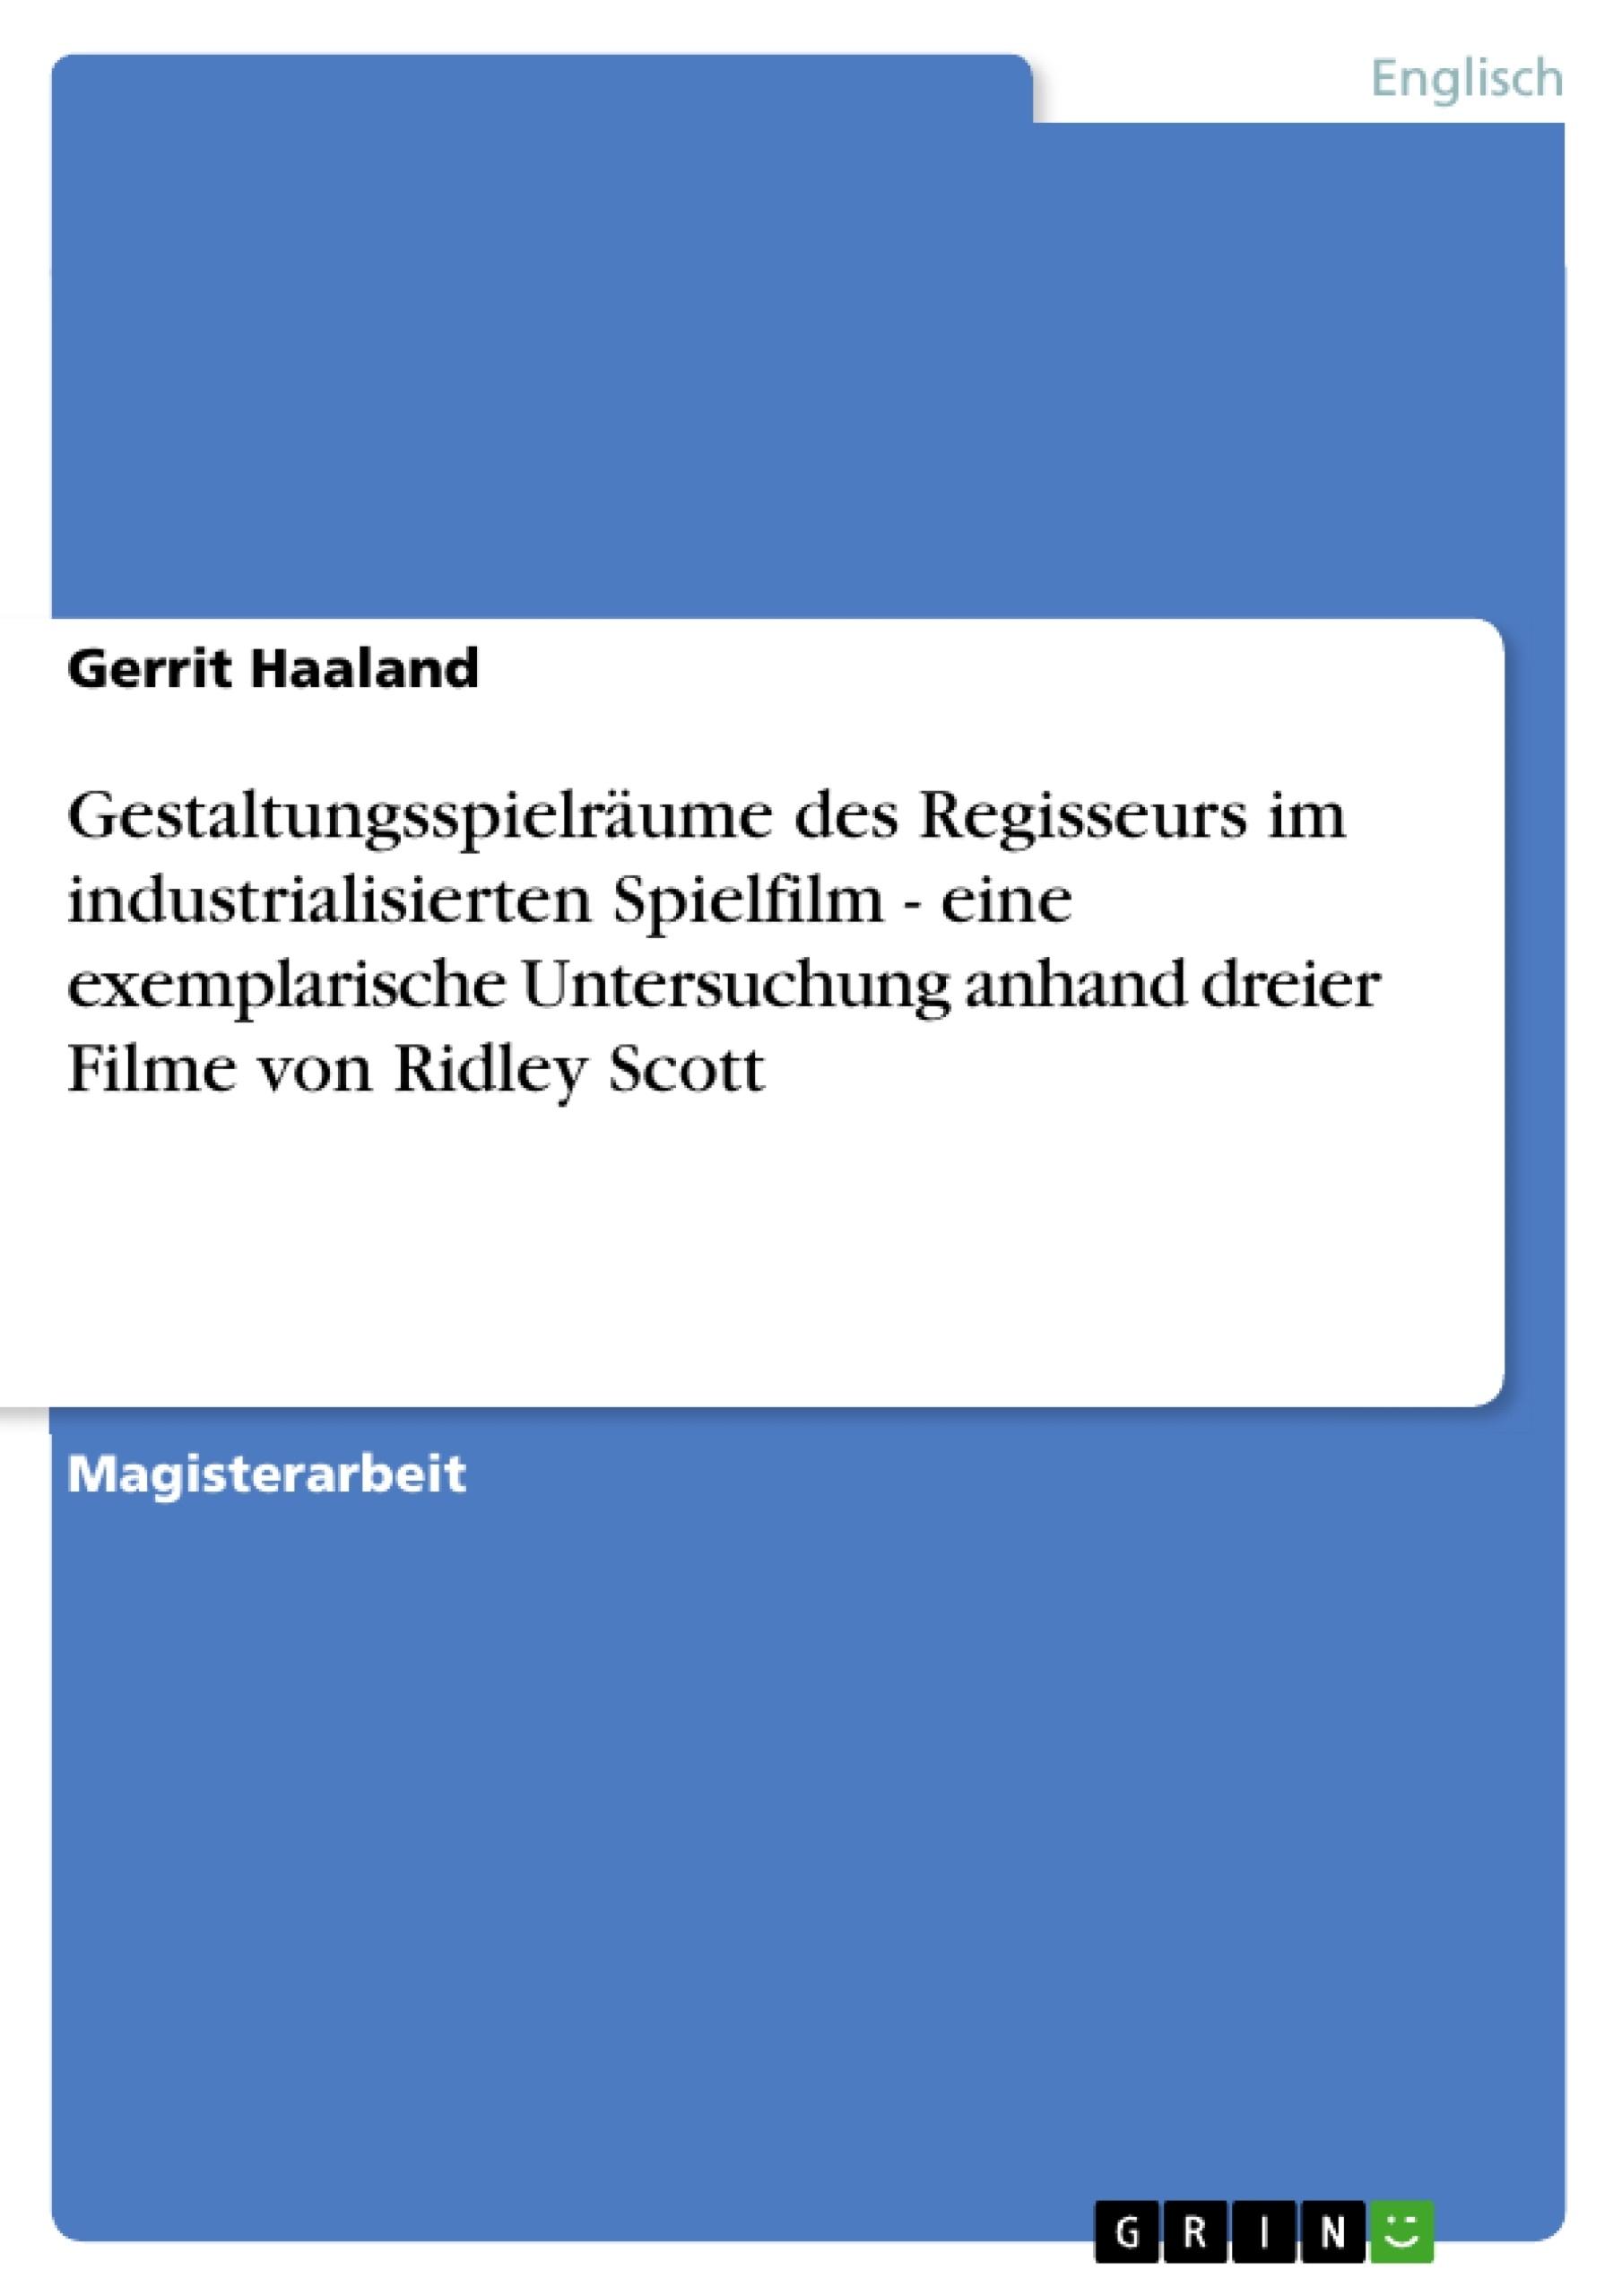 Titel: Gestaltungsspielräume des Regisseurs im industrialisierten Spielfilm - eine exemplarische Untersuchung anhand dreier Filme von Ridley Scott